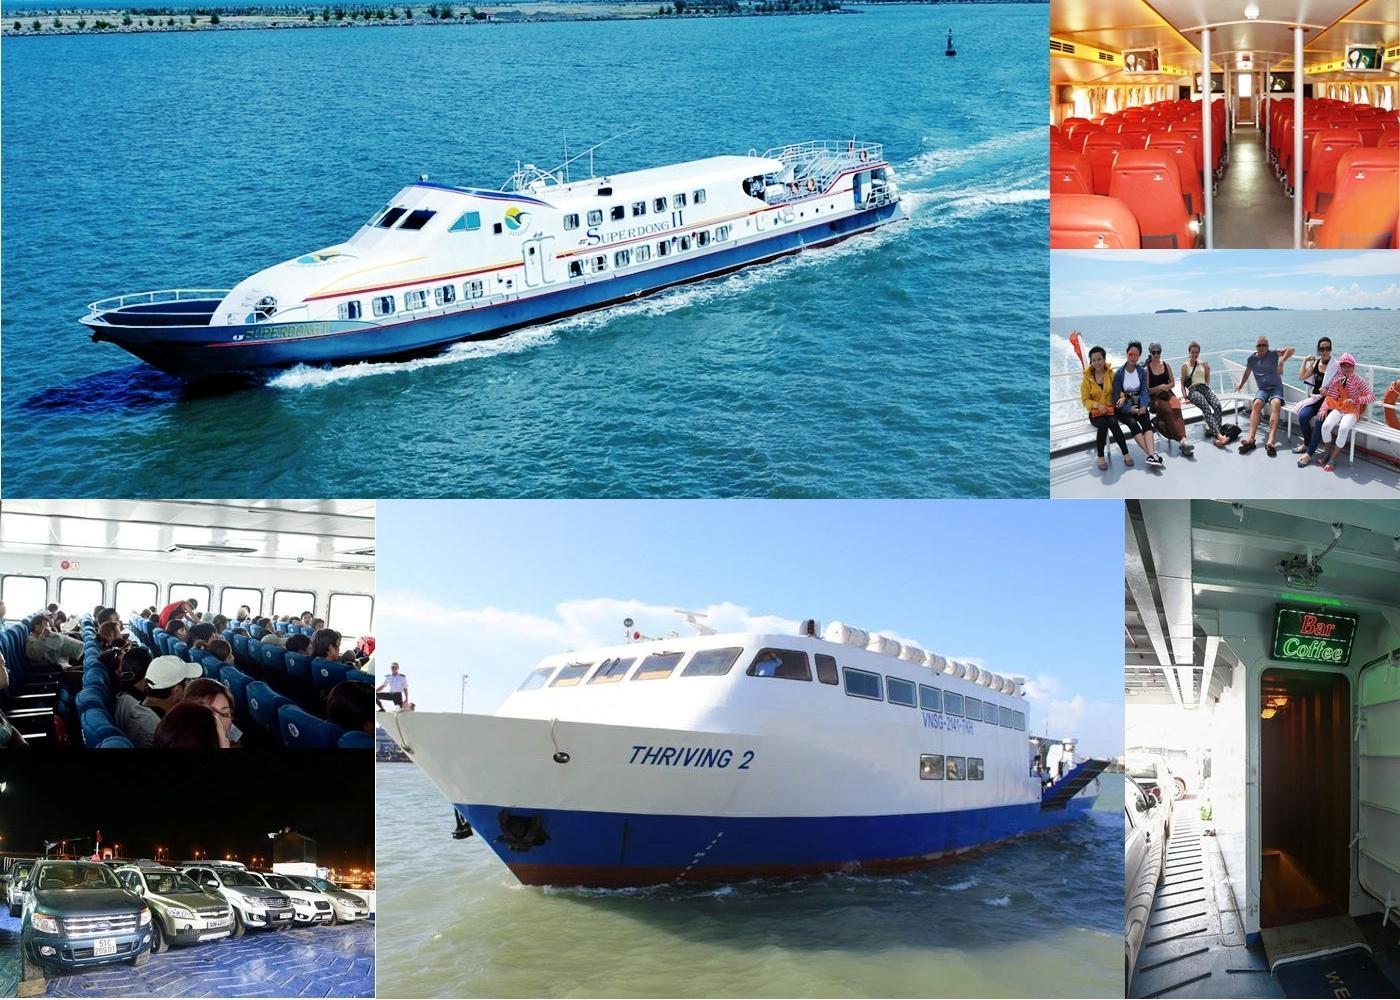 Tàu cao tốc Phú Quốc với thiết bị hiện đại đảm bảo an toàn cho hành khách suốt hành trình